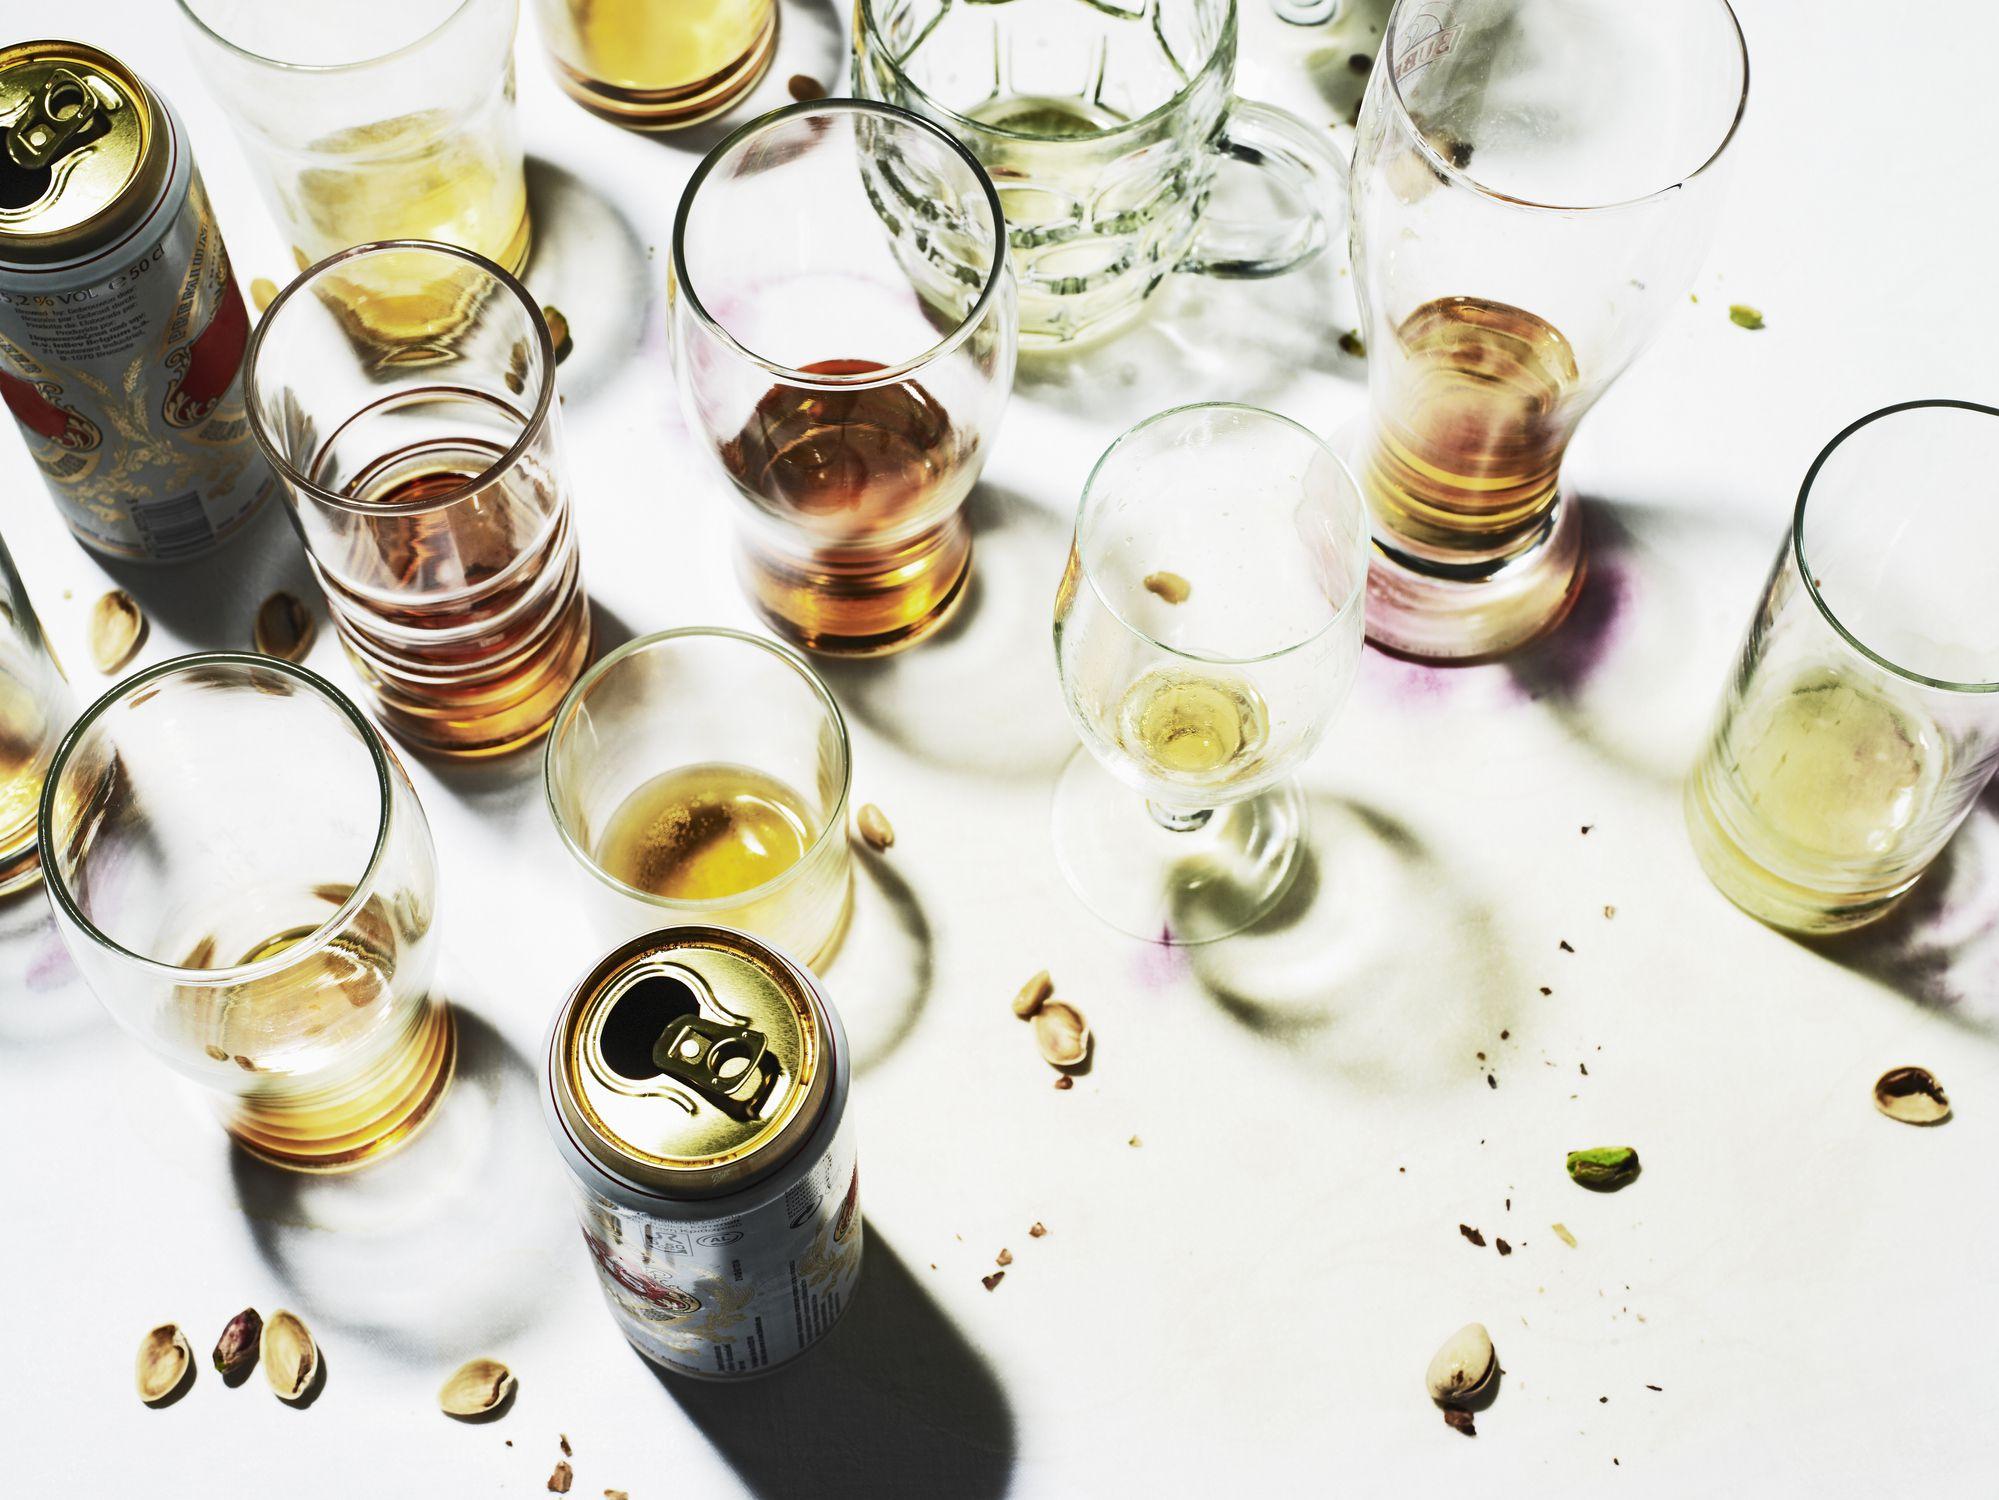 Чем алкогольное расстройство отличается от алкоголизма?